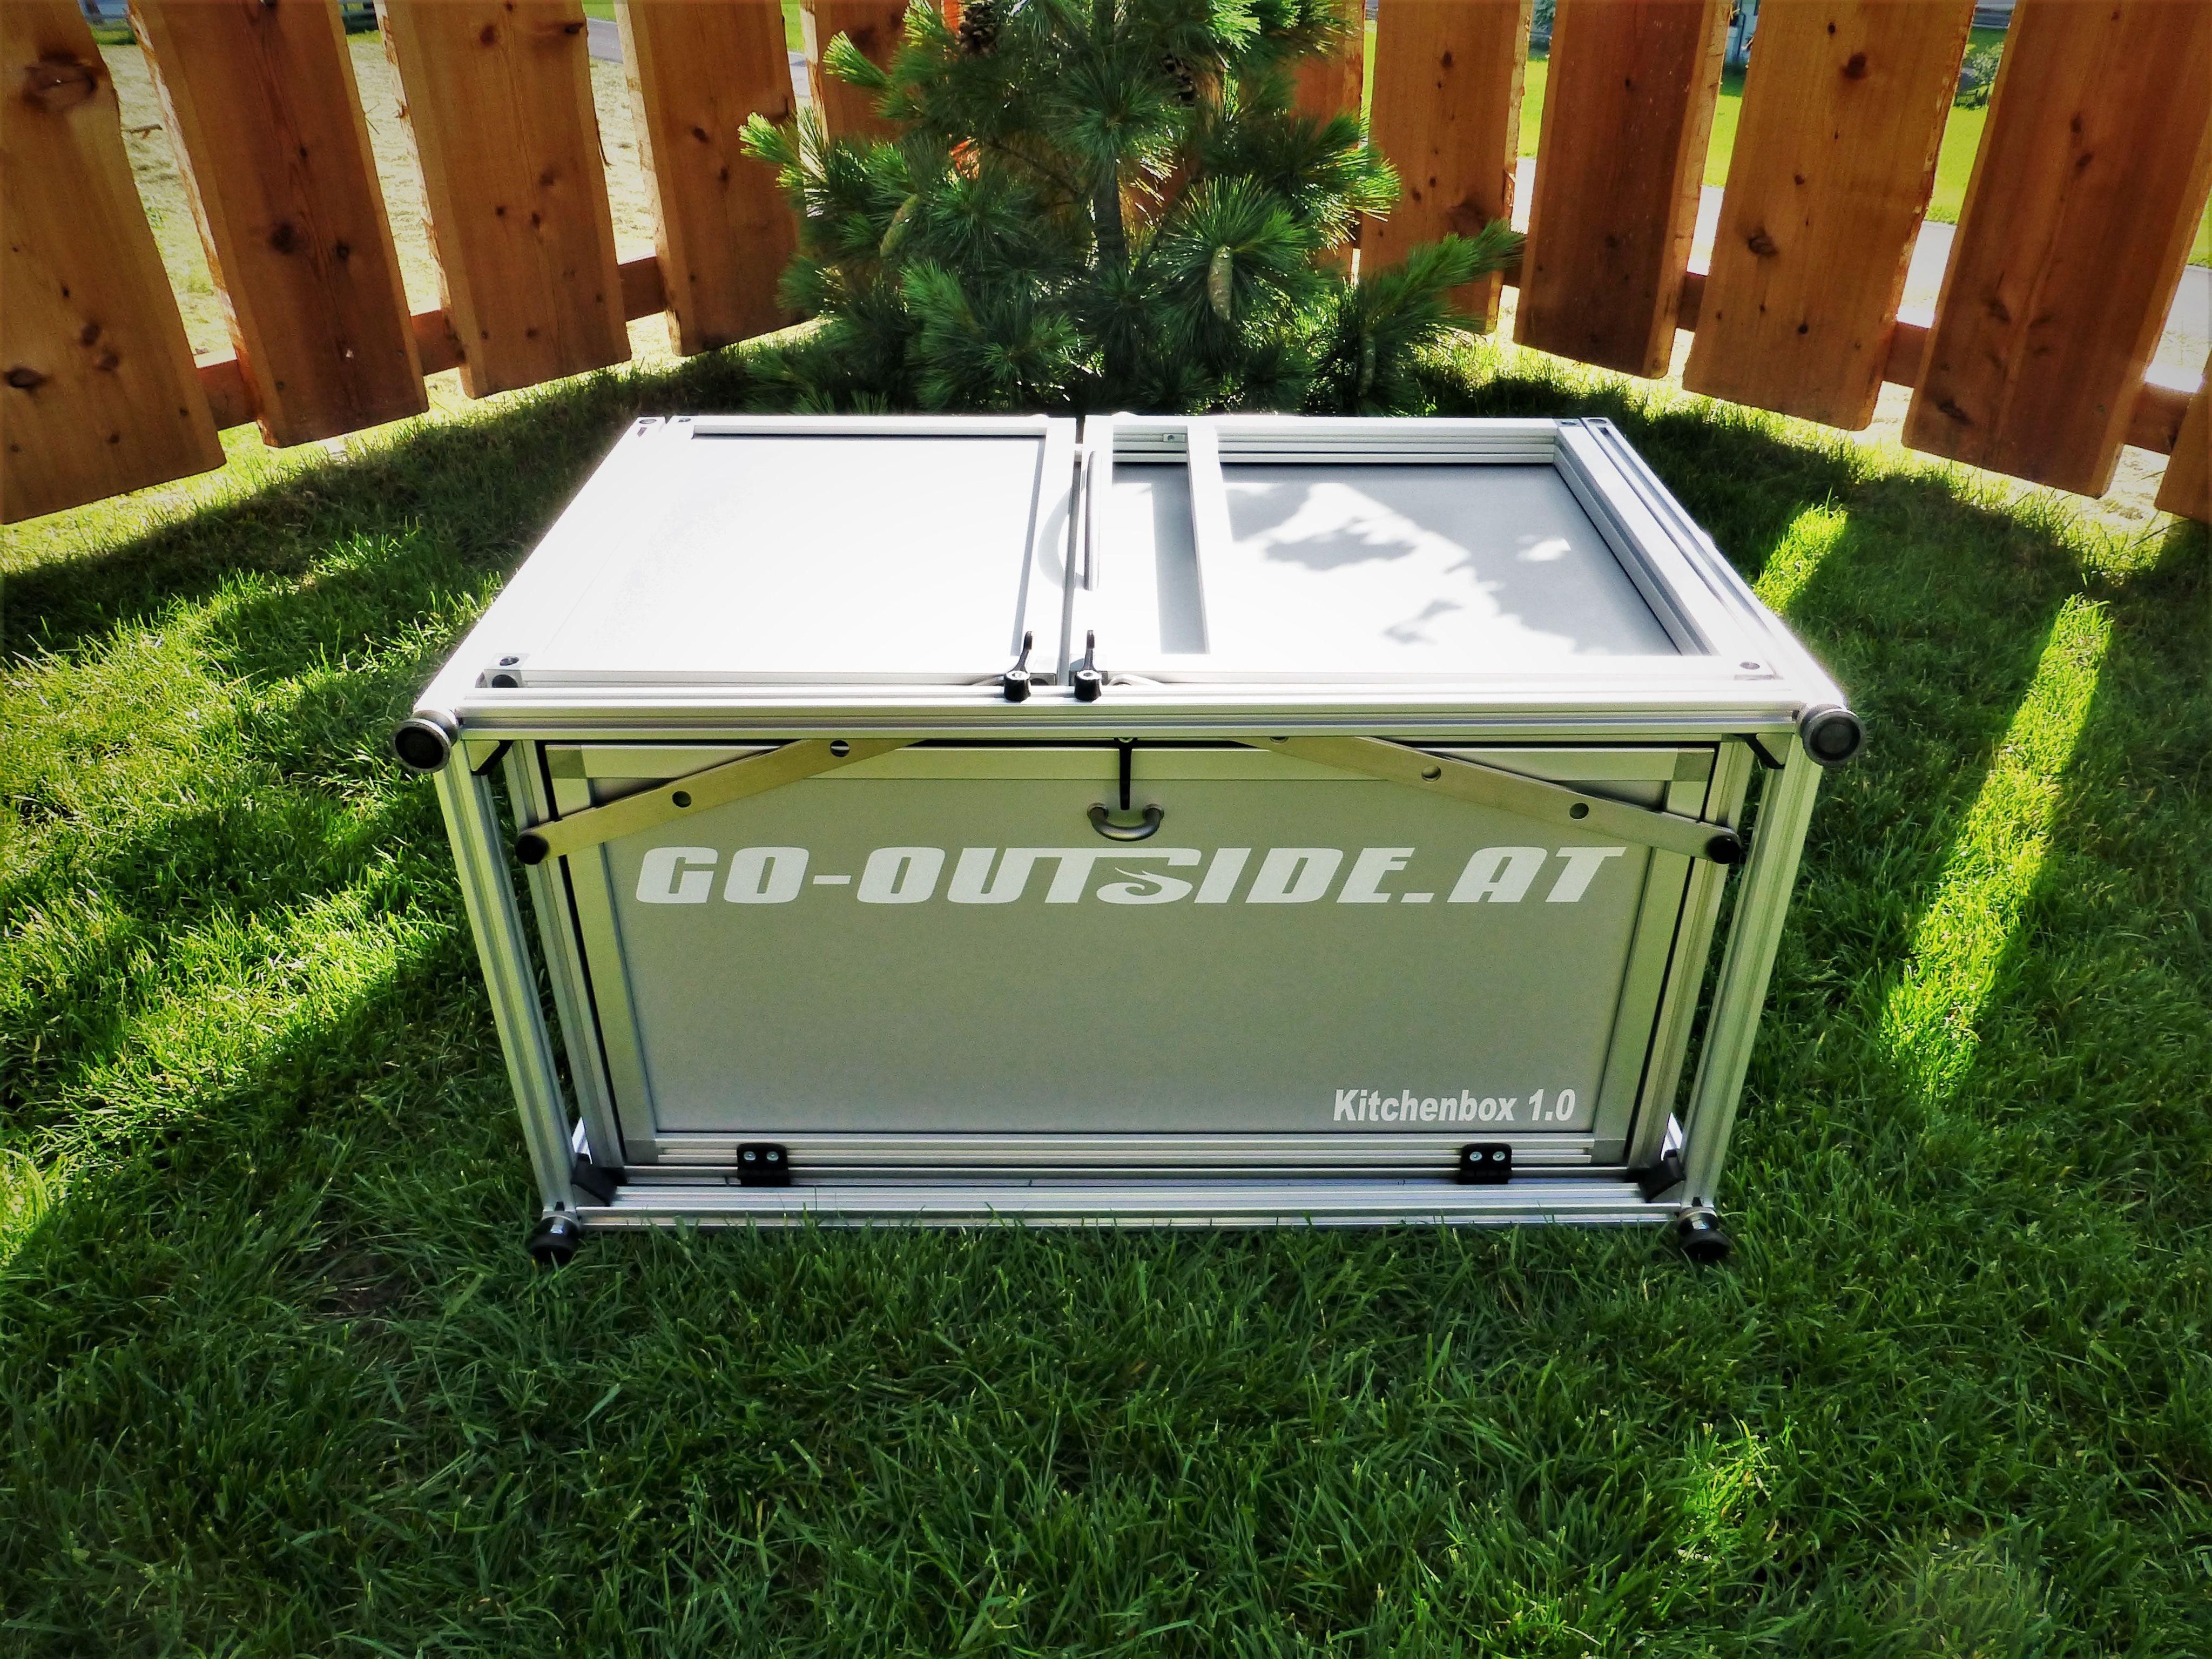 Outdoor Küchen Camping : Bei der kitchenbox handelt es sich um eine tragbare bzw. mobile